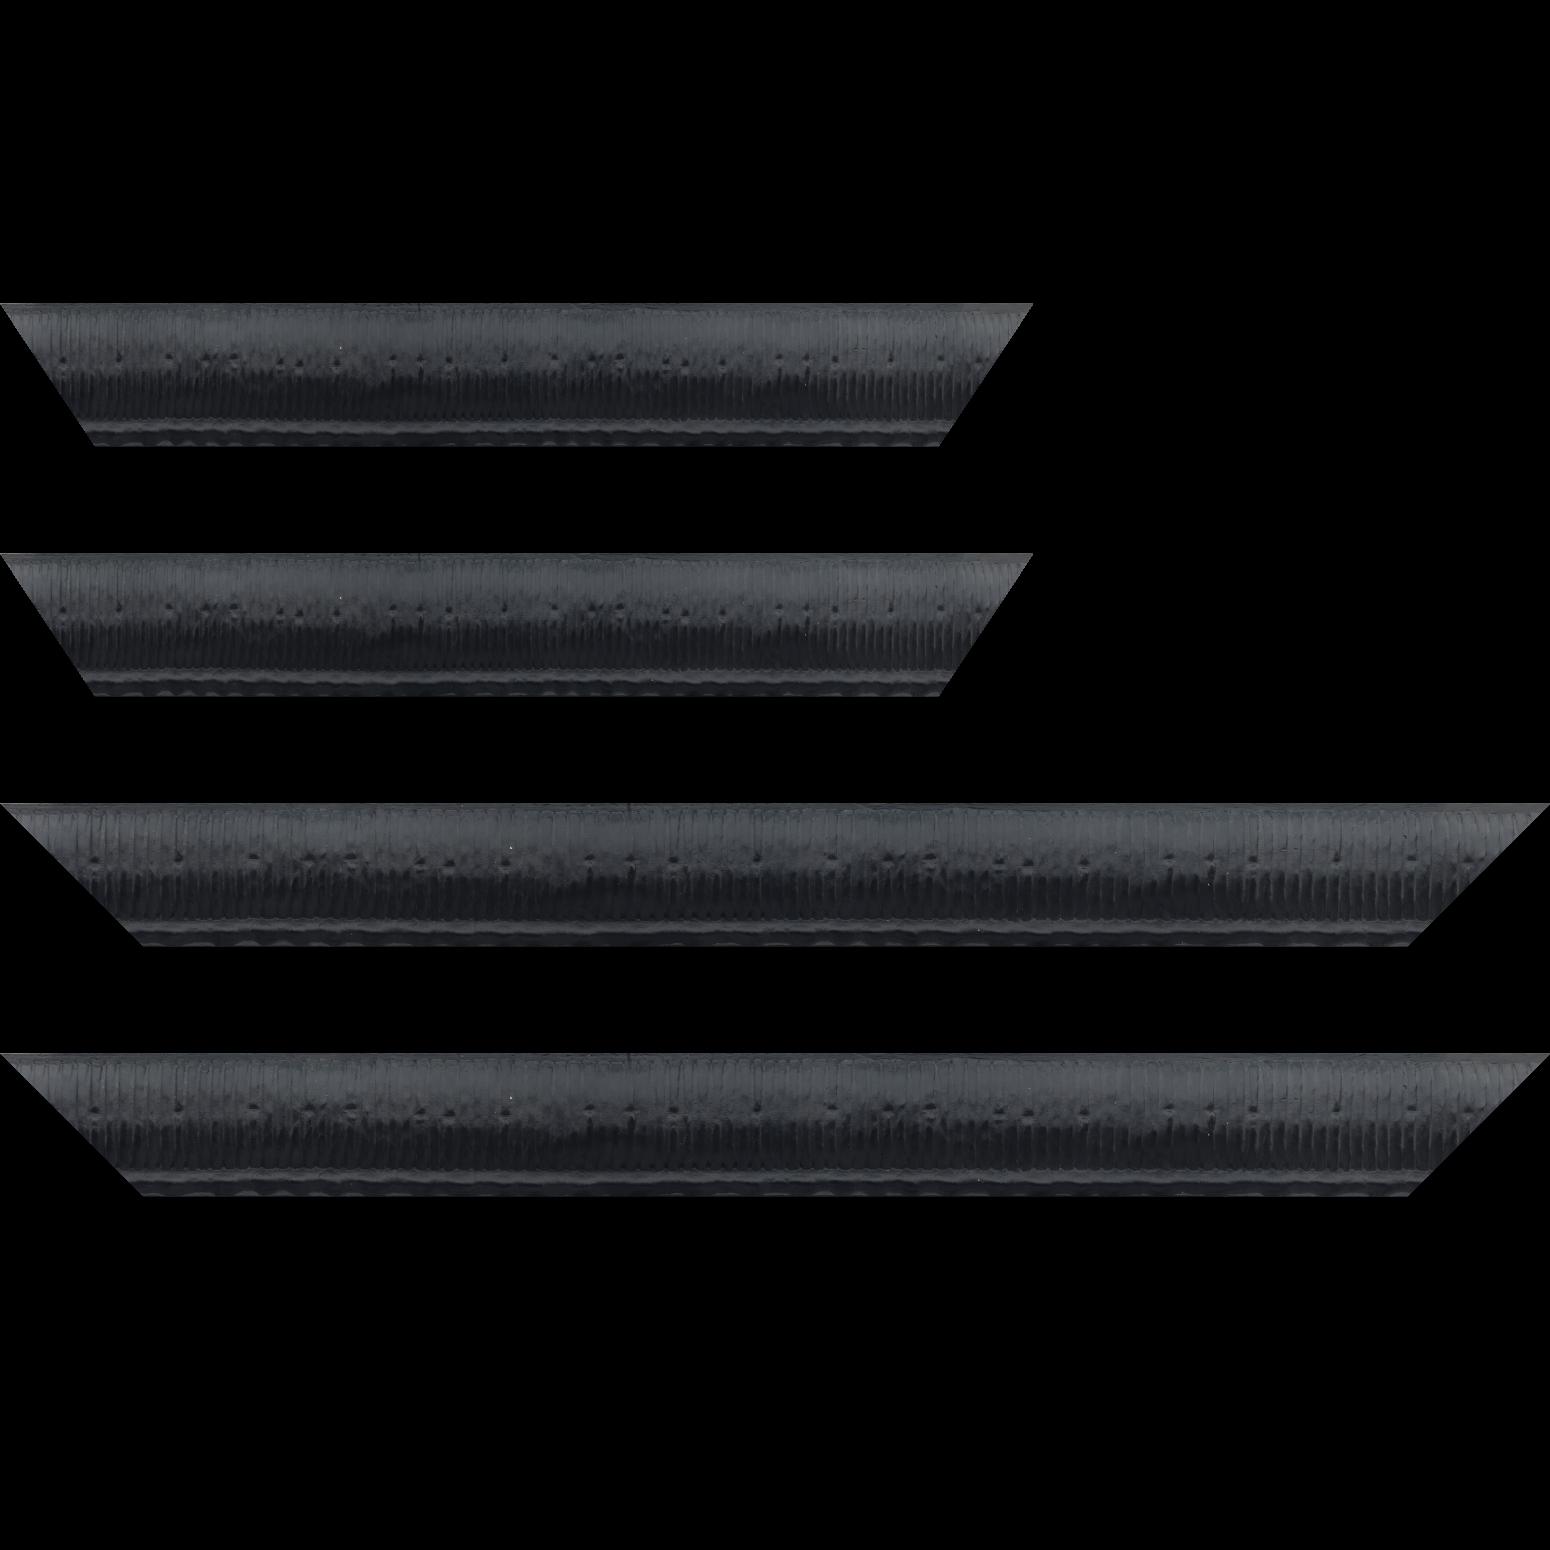 Baguette service précoupé bois profil arrondi largeur 4.8cm couleur noir satiné décor bambou